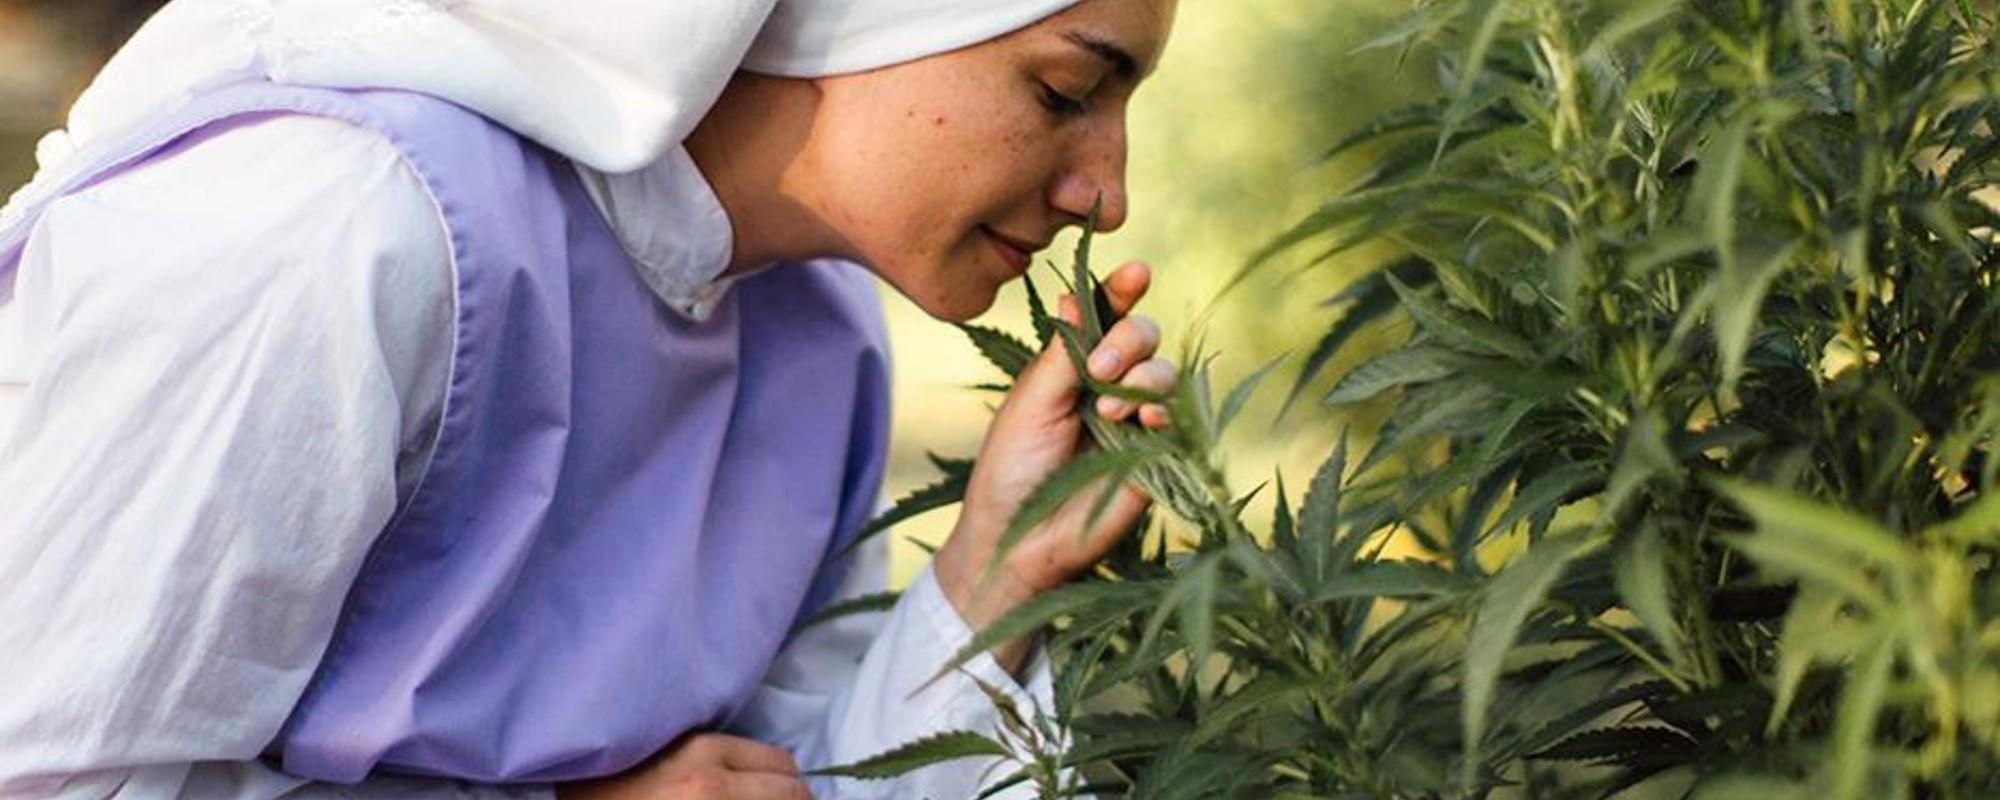 Der Himmel auf Erden – Zu Besuch bei den Marihuana-Nonnen